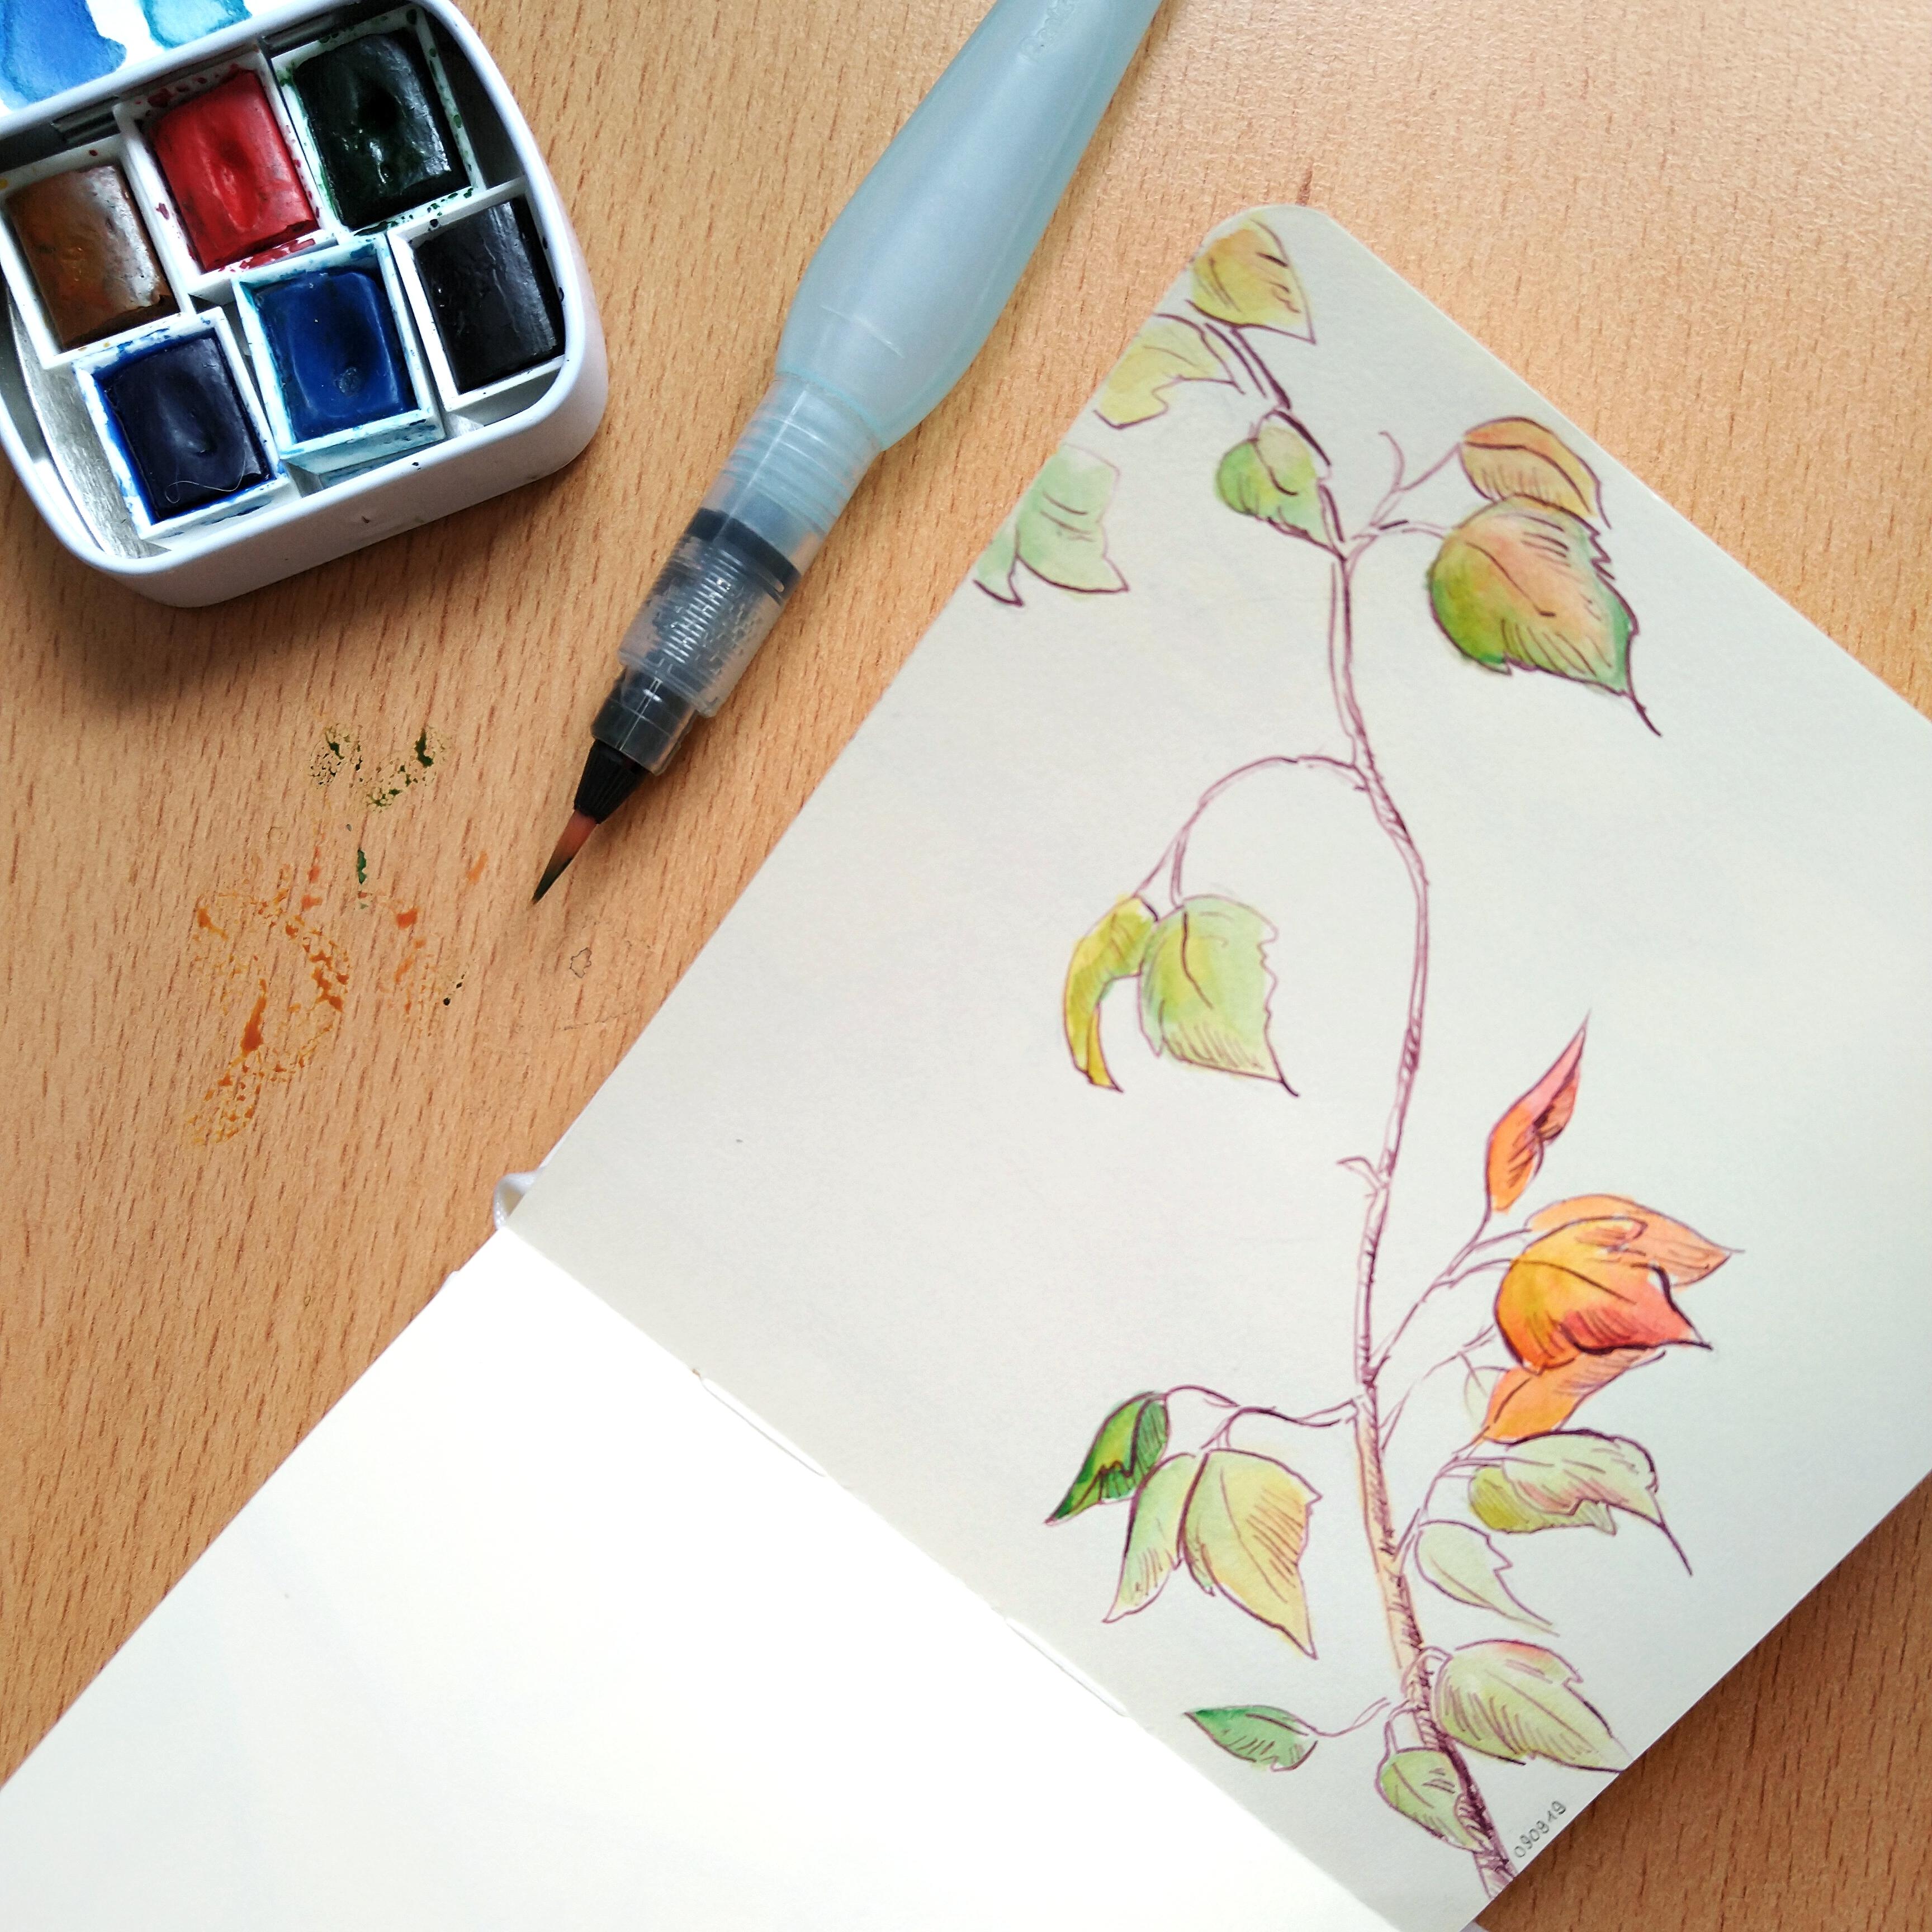 Die ersten Herbstfarben im Skizzenbuch.